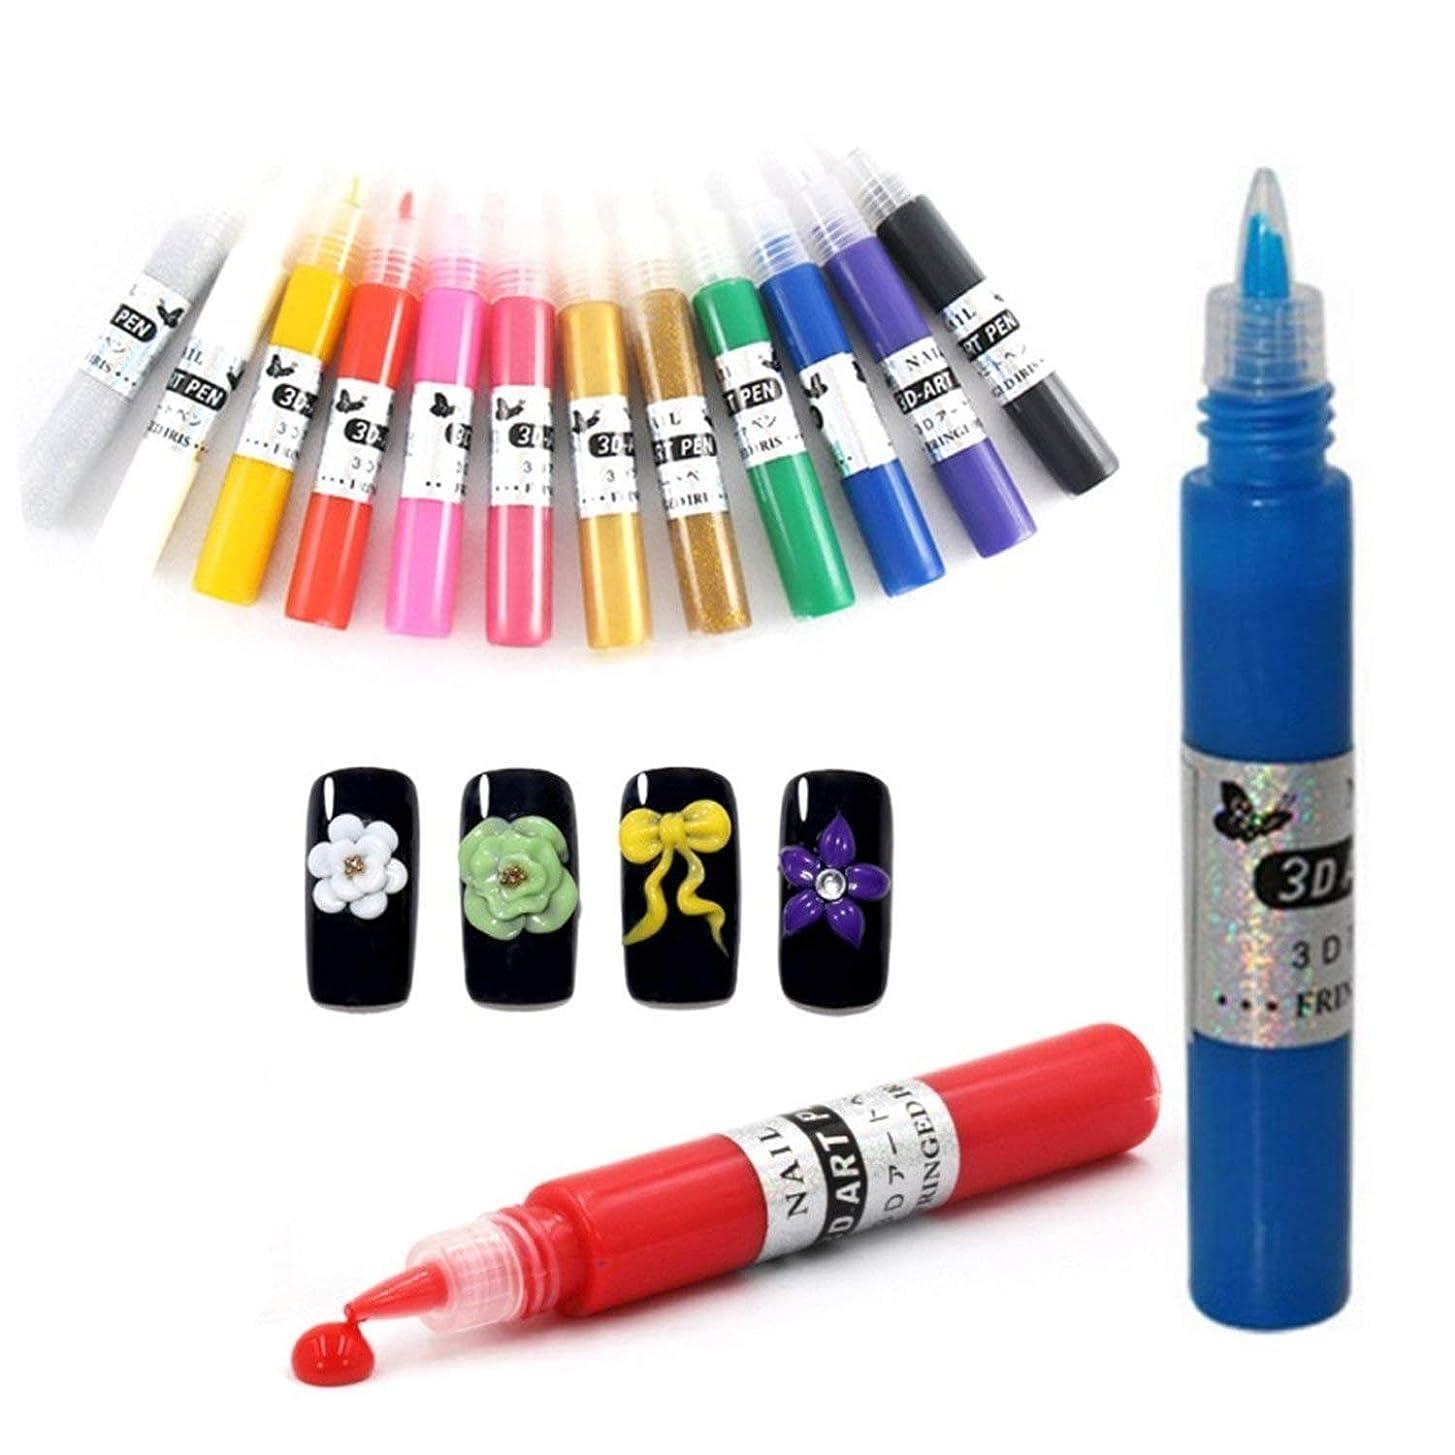 隣接透明に引退するネイルアートペン  3Dネイルアートペン ネイルマニキュア液 ペイントペン DIY 12色